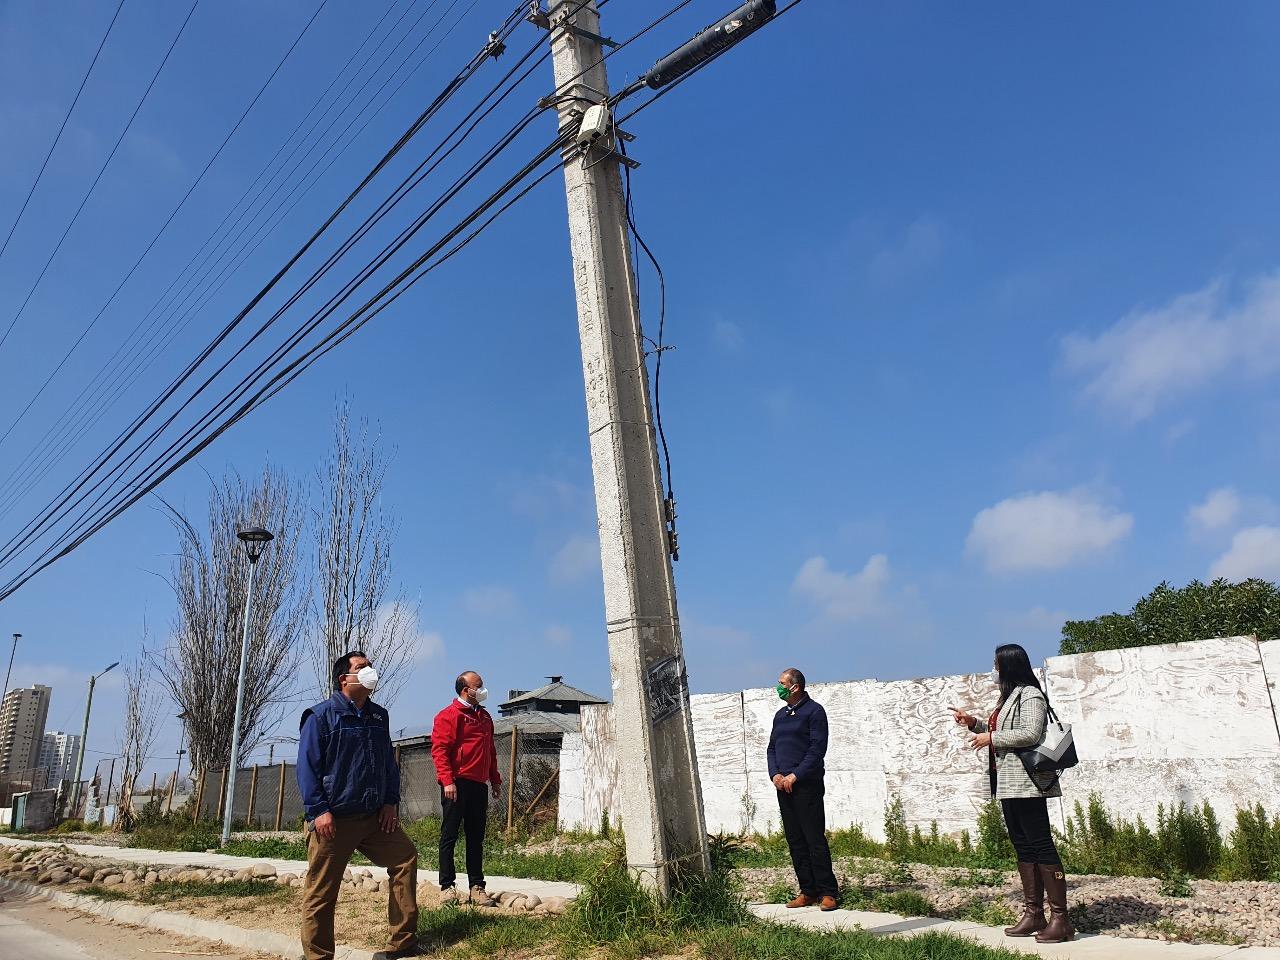 SEREMI de Energía y SEC ofician a CGE por peligro de postes inclinados en Coquimbo